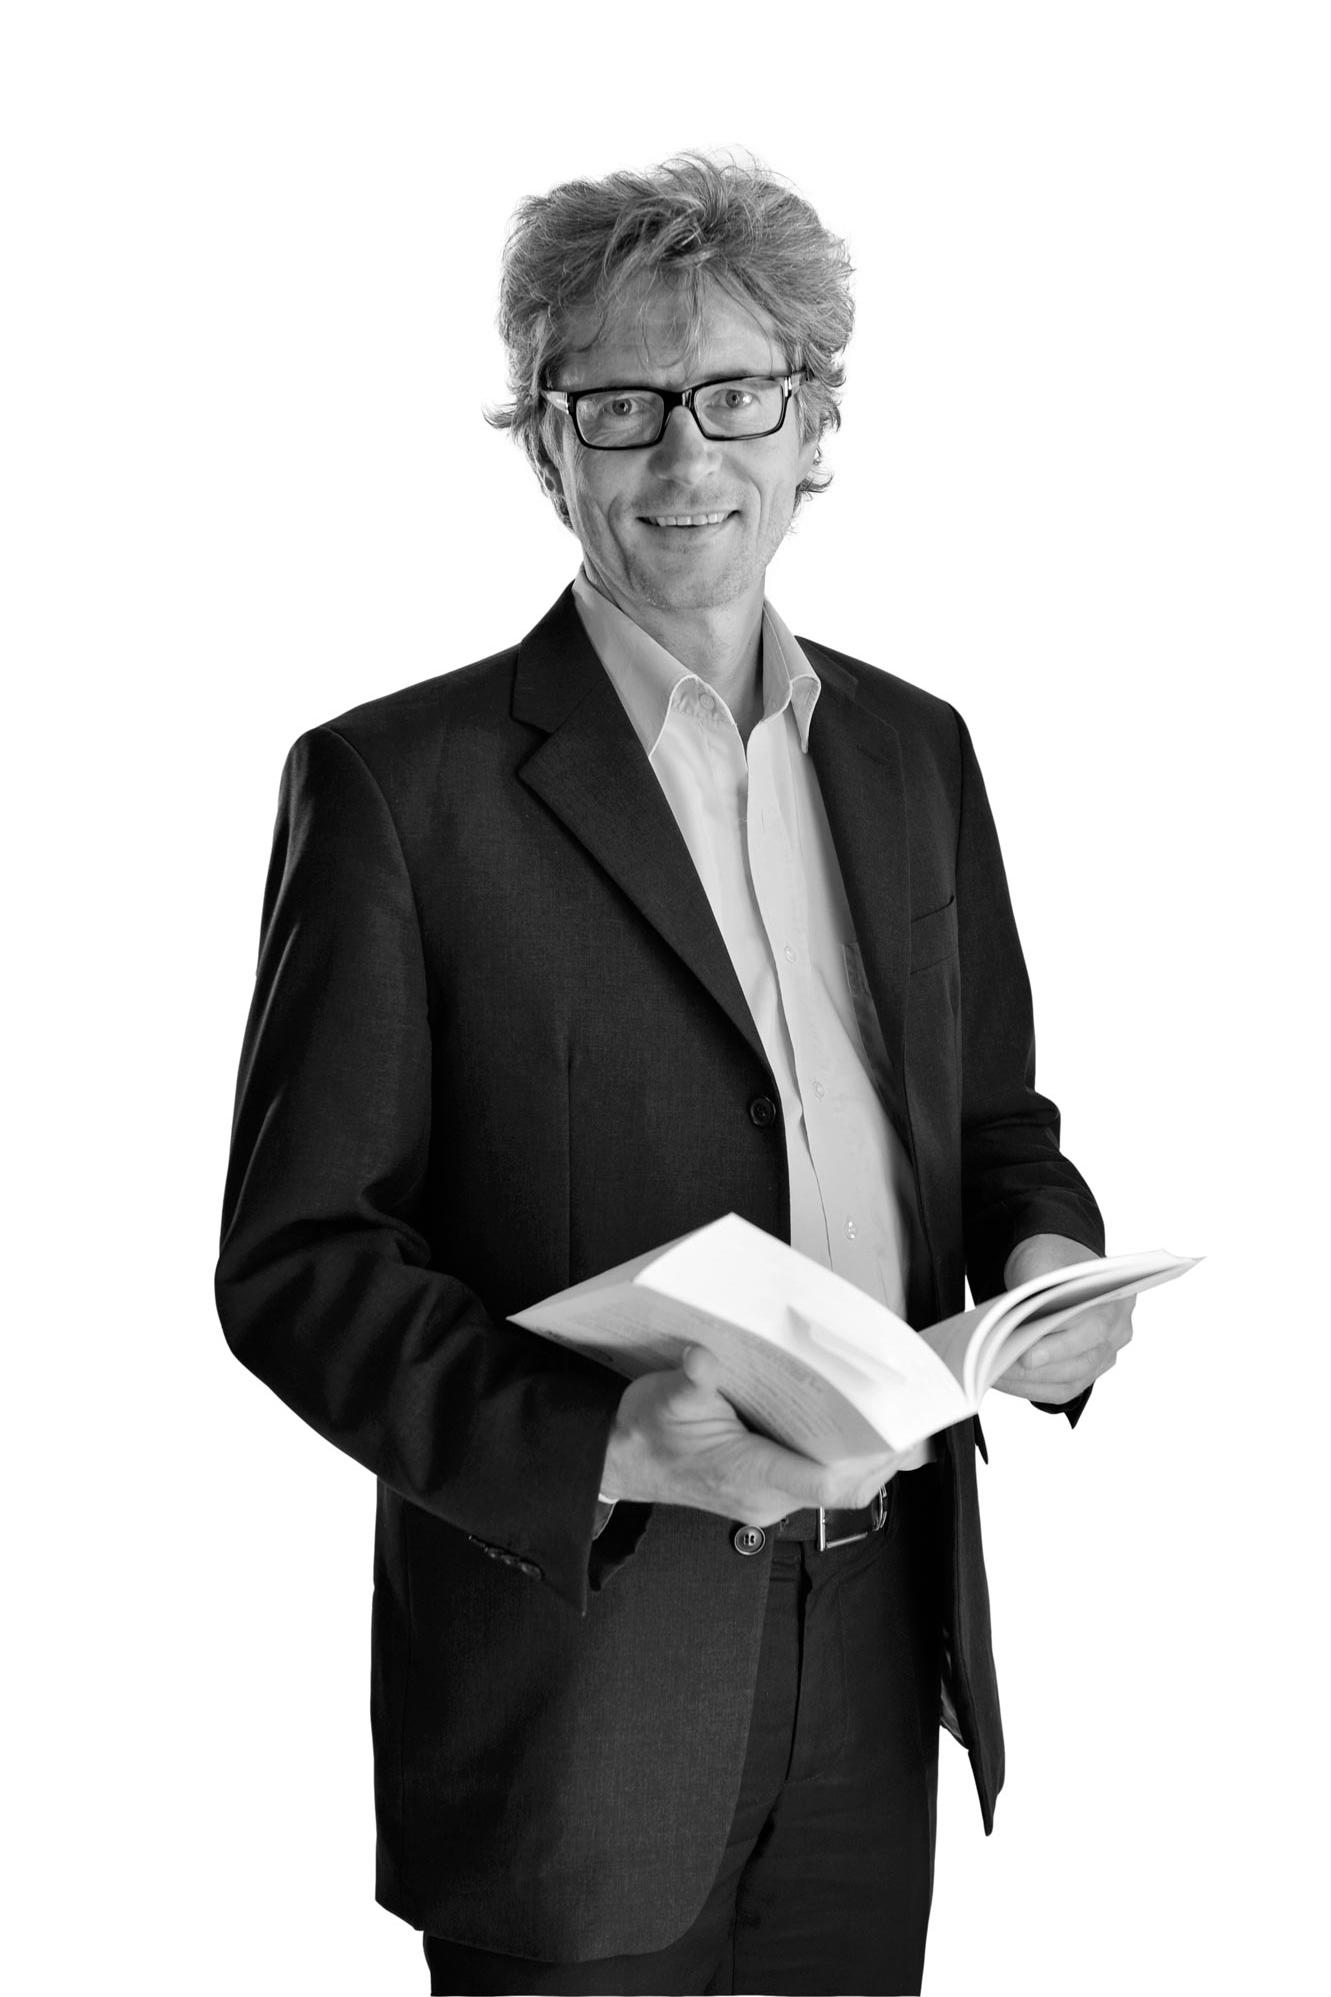 Thierry Hallet    Economisch en verzekeringsrecht Arbeidsrecht, Sociale zekerheid   T  +32 (0)2 501 61 21  F  +32 (0)2 514 22 31  E :   t.hallet@wery.legal